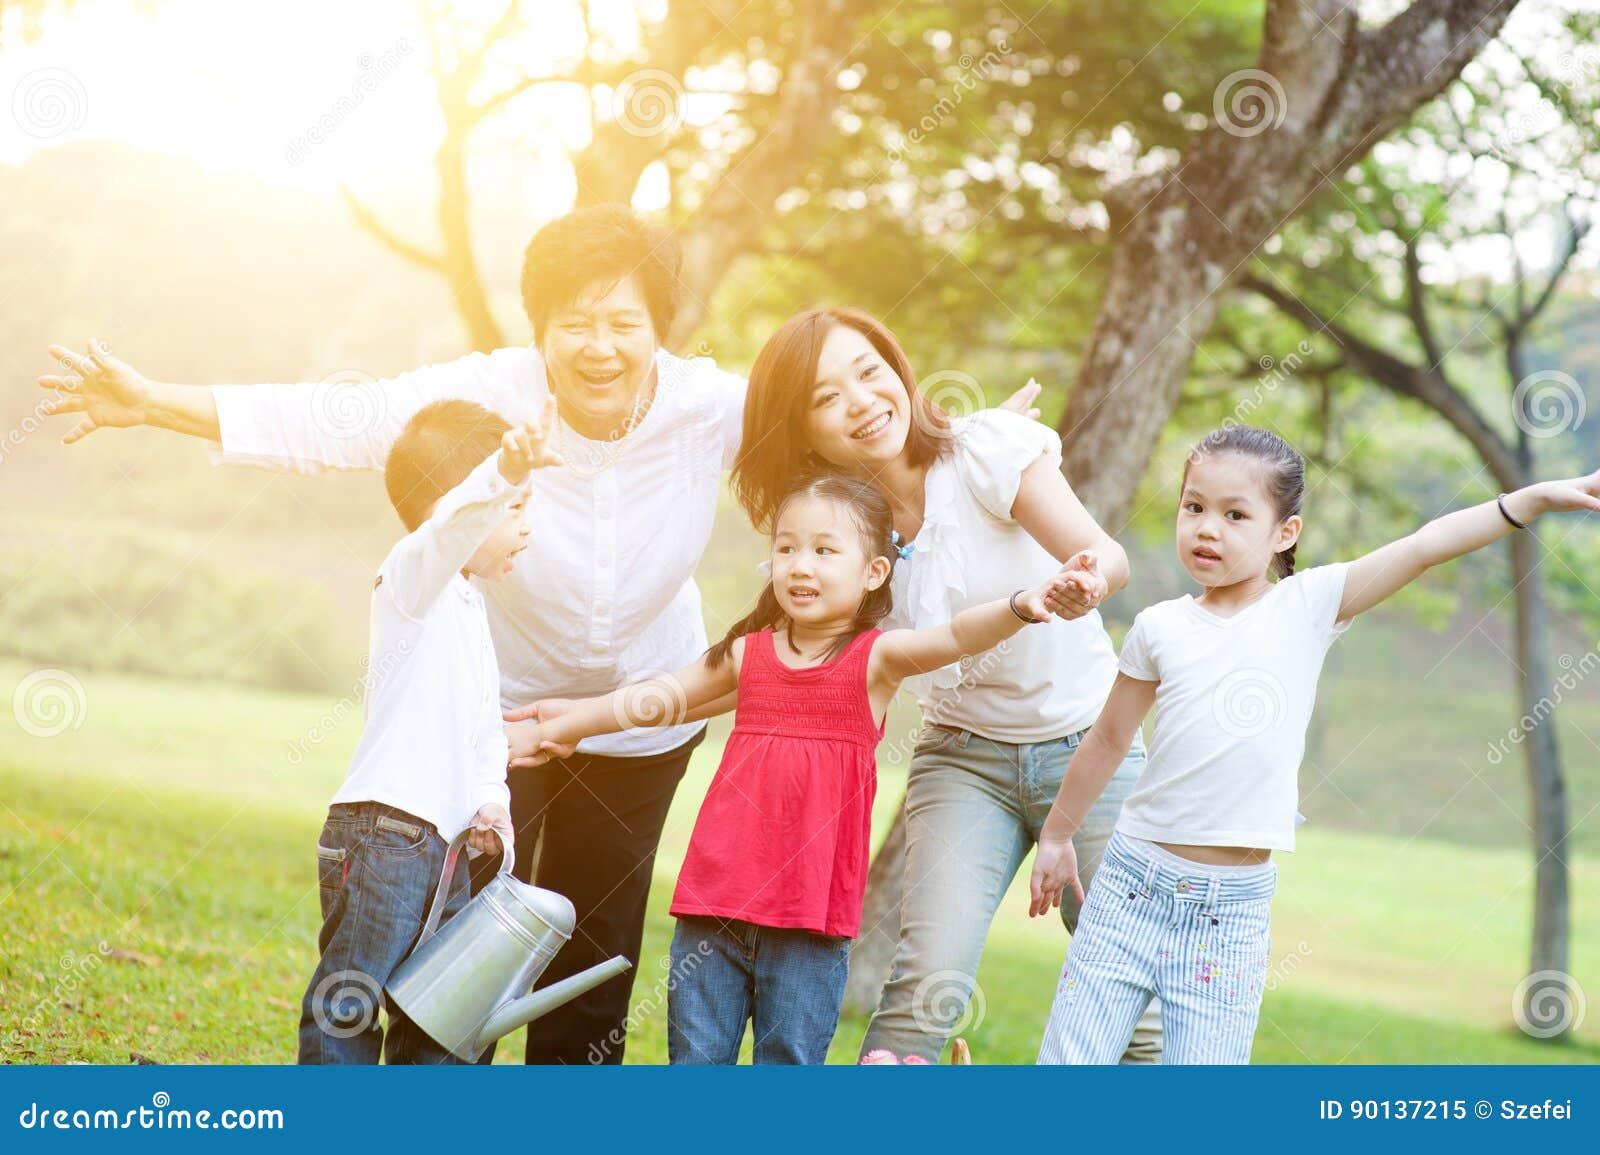 66642abccbe Ειλικρινές πορτρέτο της ευτυχούς πολυ ασιατικής οικογένειας γενεών στο πάρκο  φύσης Υπαίθρια διασκέδαση γιαγιάδων, μητέρων και εγγονιών Υπόβαθρο φλογών  ήλιων ...